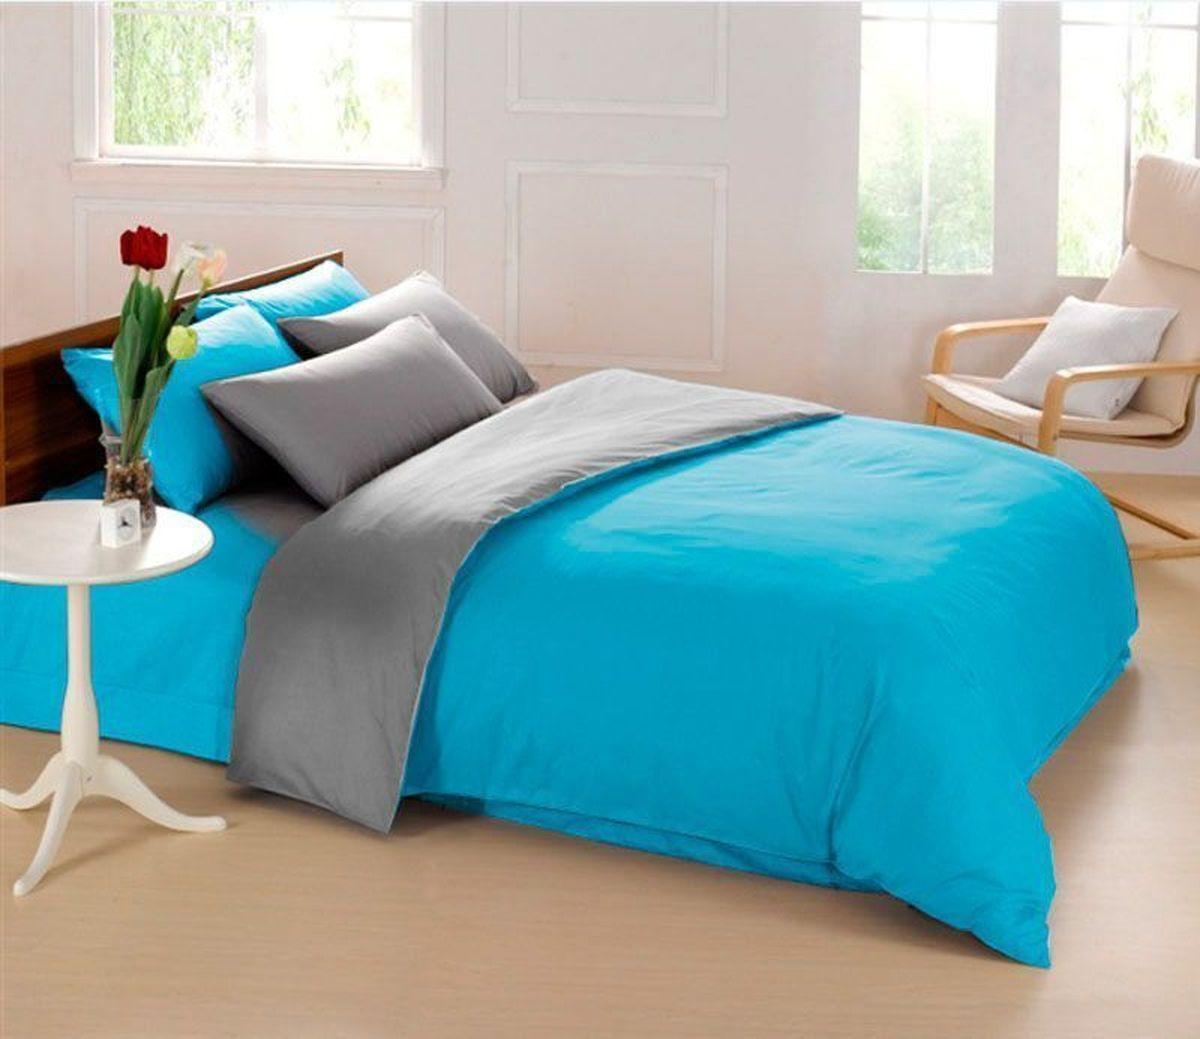 Постельное белье Sleep iX Perfection, семейный, цвет: голубой, серыйpva215425Известно, что цвет напрямую воздействует на психологическое и физическое состояние человека. Специально для наших покупателей мы внесли описание воздействия каждого цвета в комплекты постельного белья Perfection. Голубой – вызывает чувство беззаботности и умиротворения. Способствует нежности и мечтательности, понижению активности и эмоционального напряжения, вызывает ощущение прохлады. Серый – нейтральный цвет. Расслабляет, помогает успокоиться и способствует здоровому сну. Усиливает воздействие соседствующих цветов. Производитель: Sleep iX Материал: Микрофреш (100 г/м2) Состав материала: 100% микрофибра Размер: Семейное (2 пододеял.) Размер пододеяльника: 150х220 см Тип застежки на пододеяльнике: Молния (100 см) Размер простыни: 220х240 (обычная) Размер наволочек: 50х70 и 70х70 (по 2 шт) Тип застежки на наволочках: Клапан (20 см) Упаковка комплекта: Подарочная Коробка Cтрана производства: Китай Расположение цветов на комплекте...